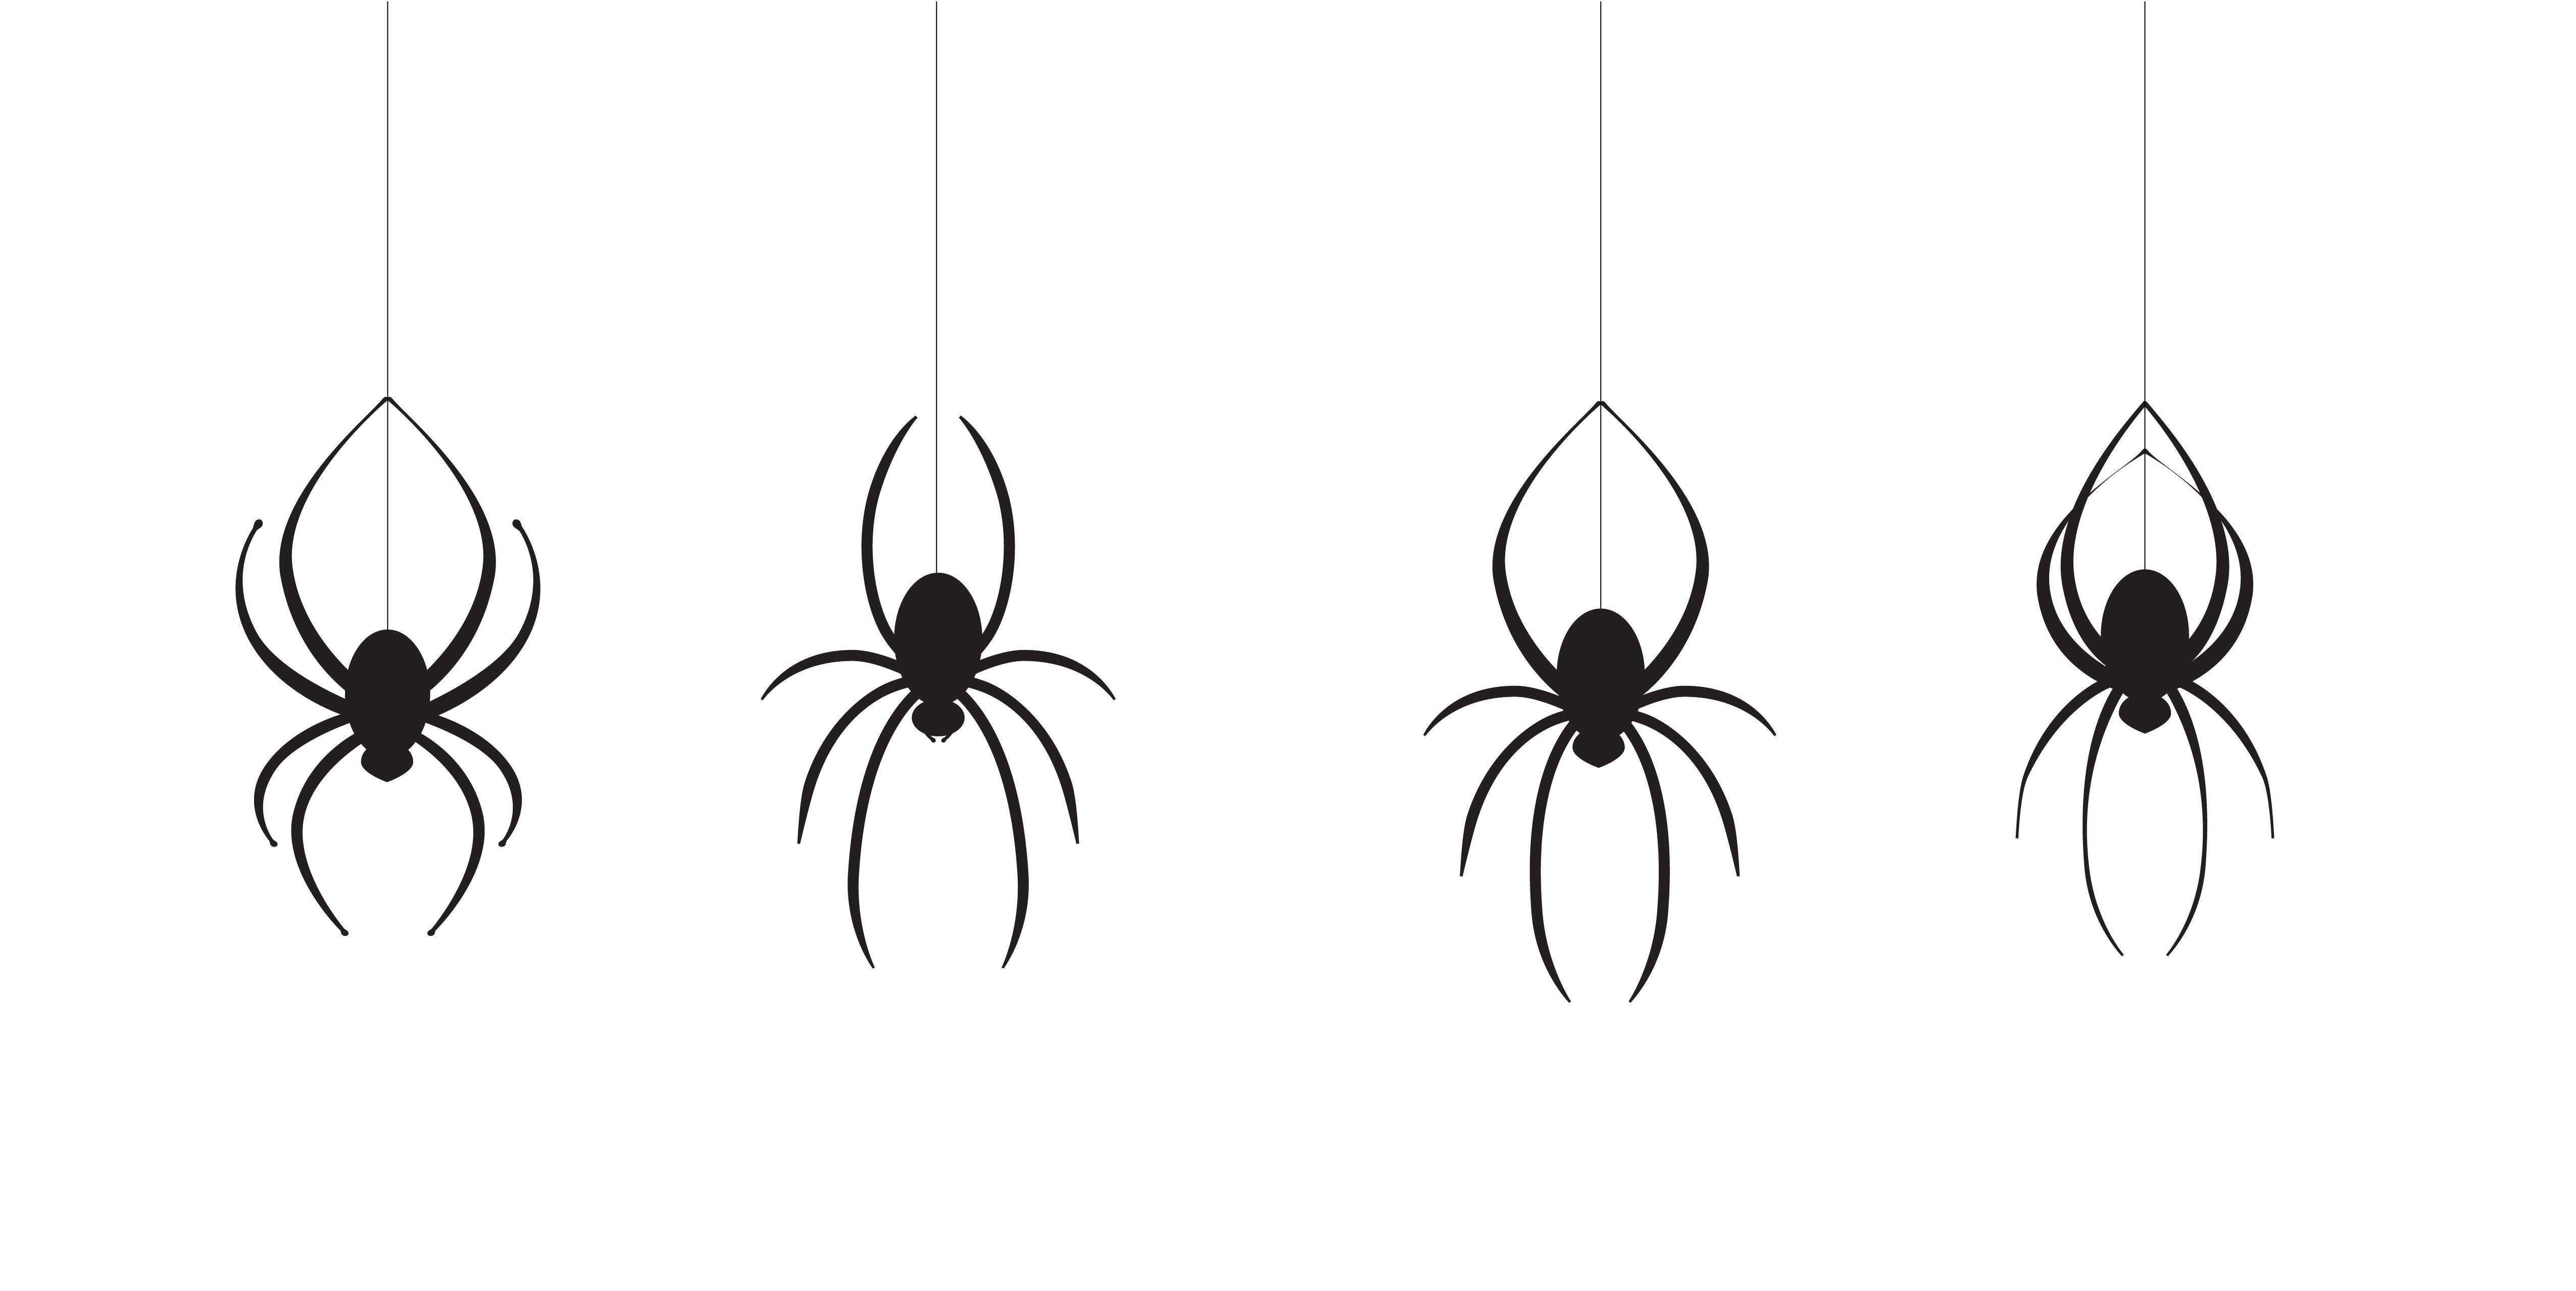 bang-voor-spinnen